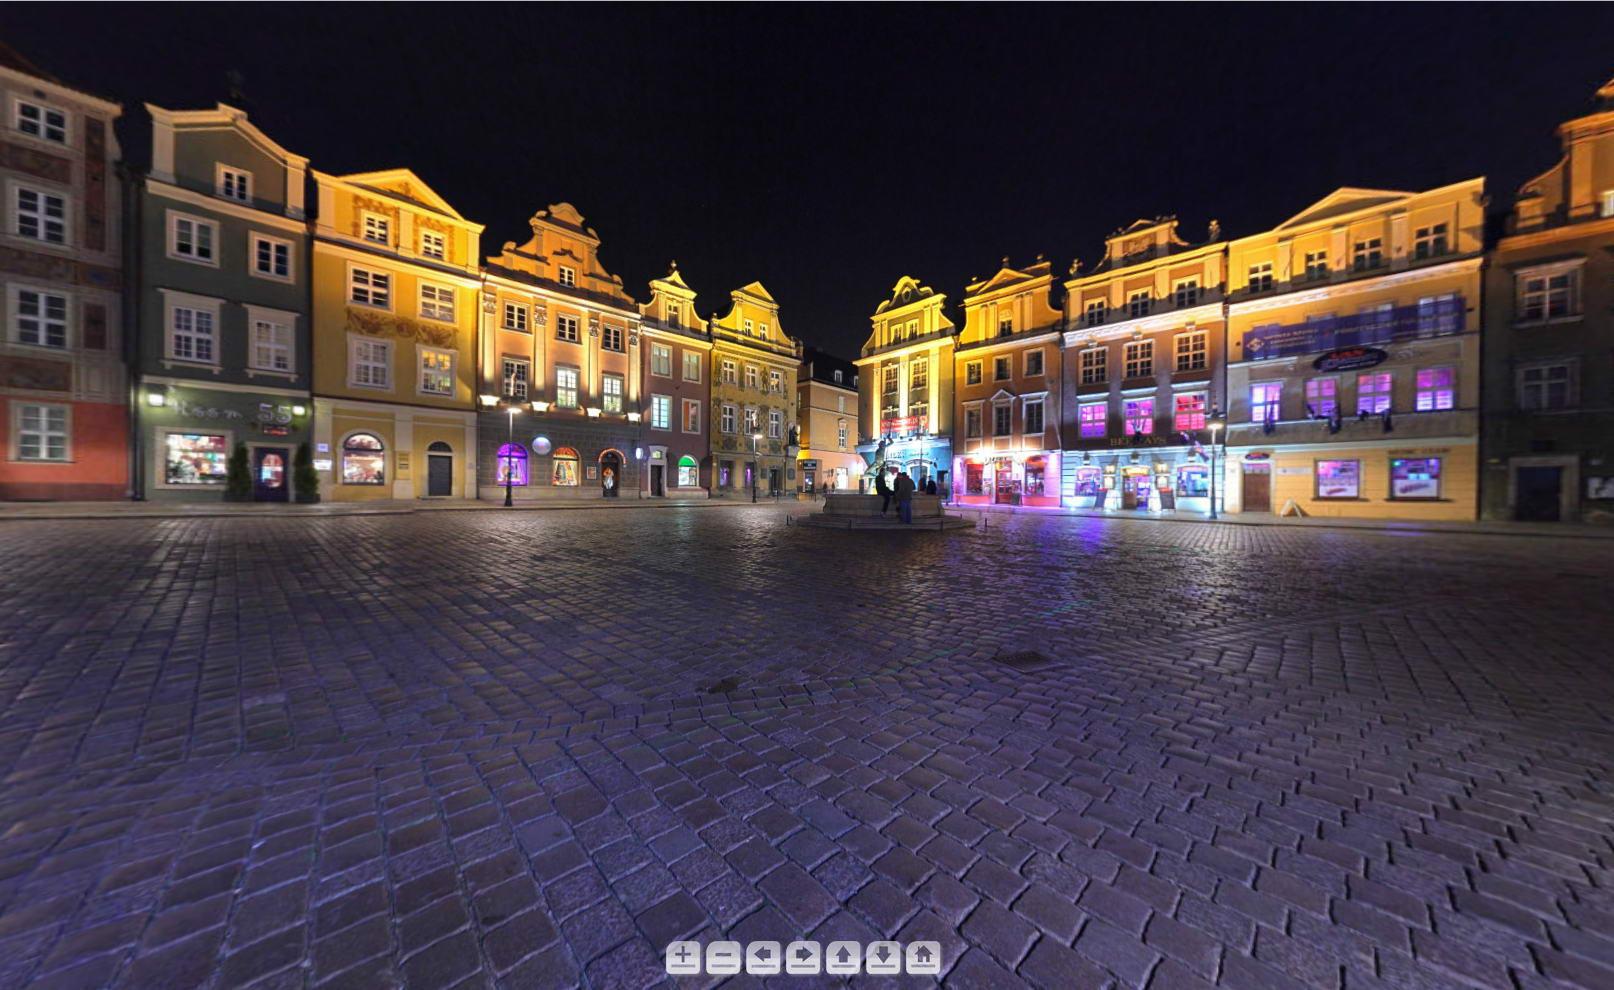 Ресторан-музей Waga- Польша